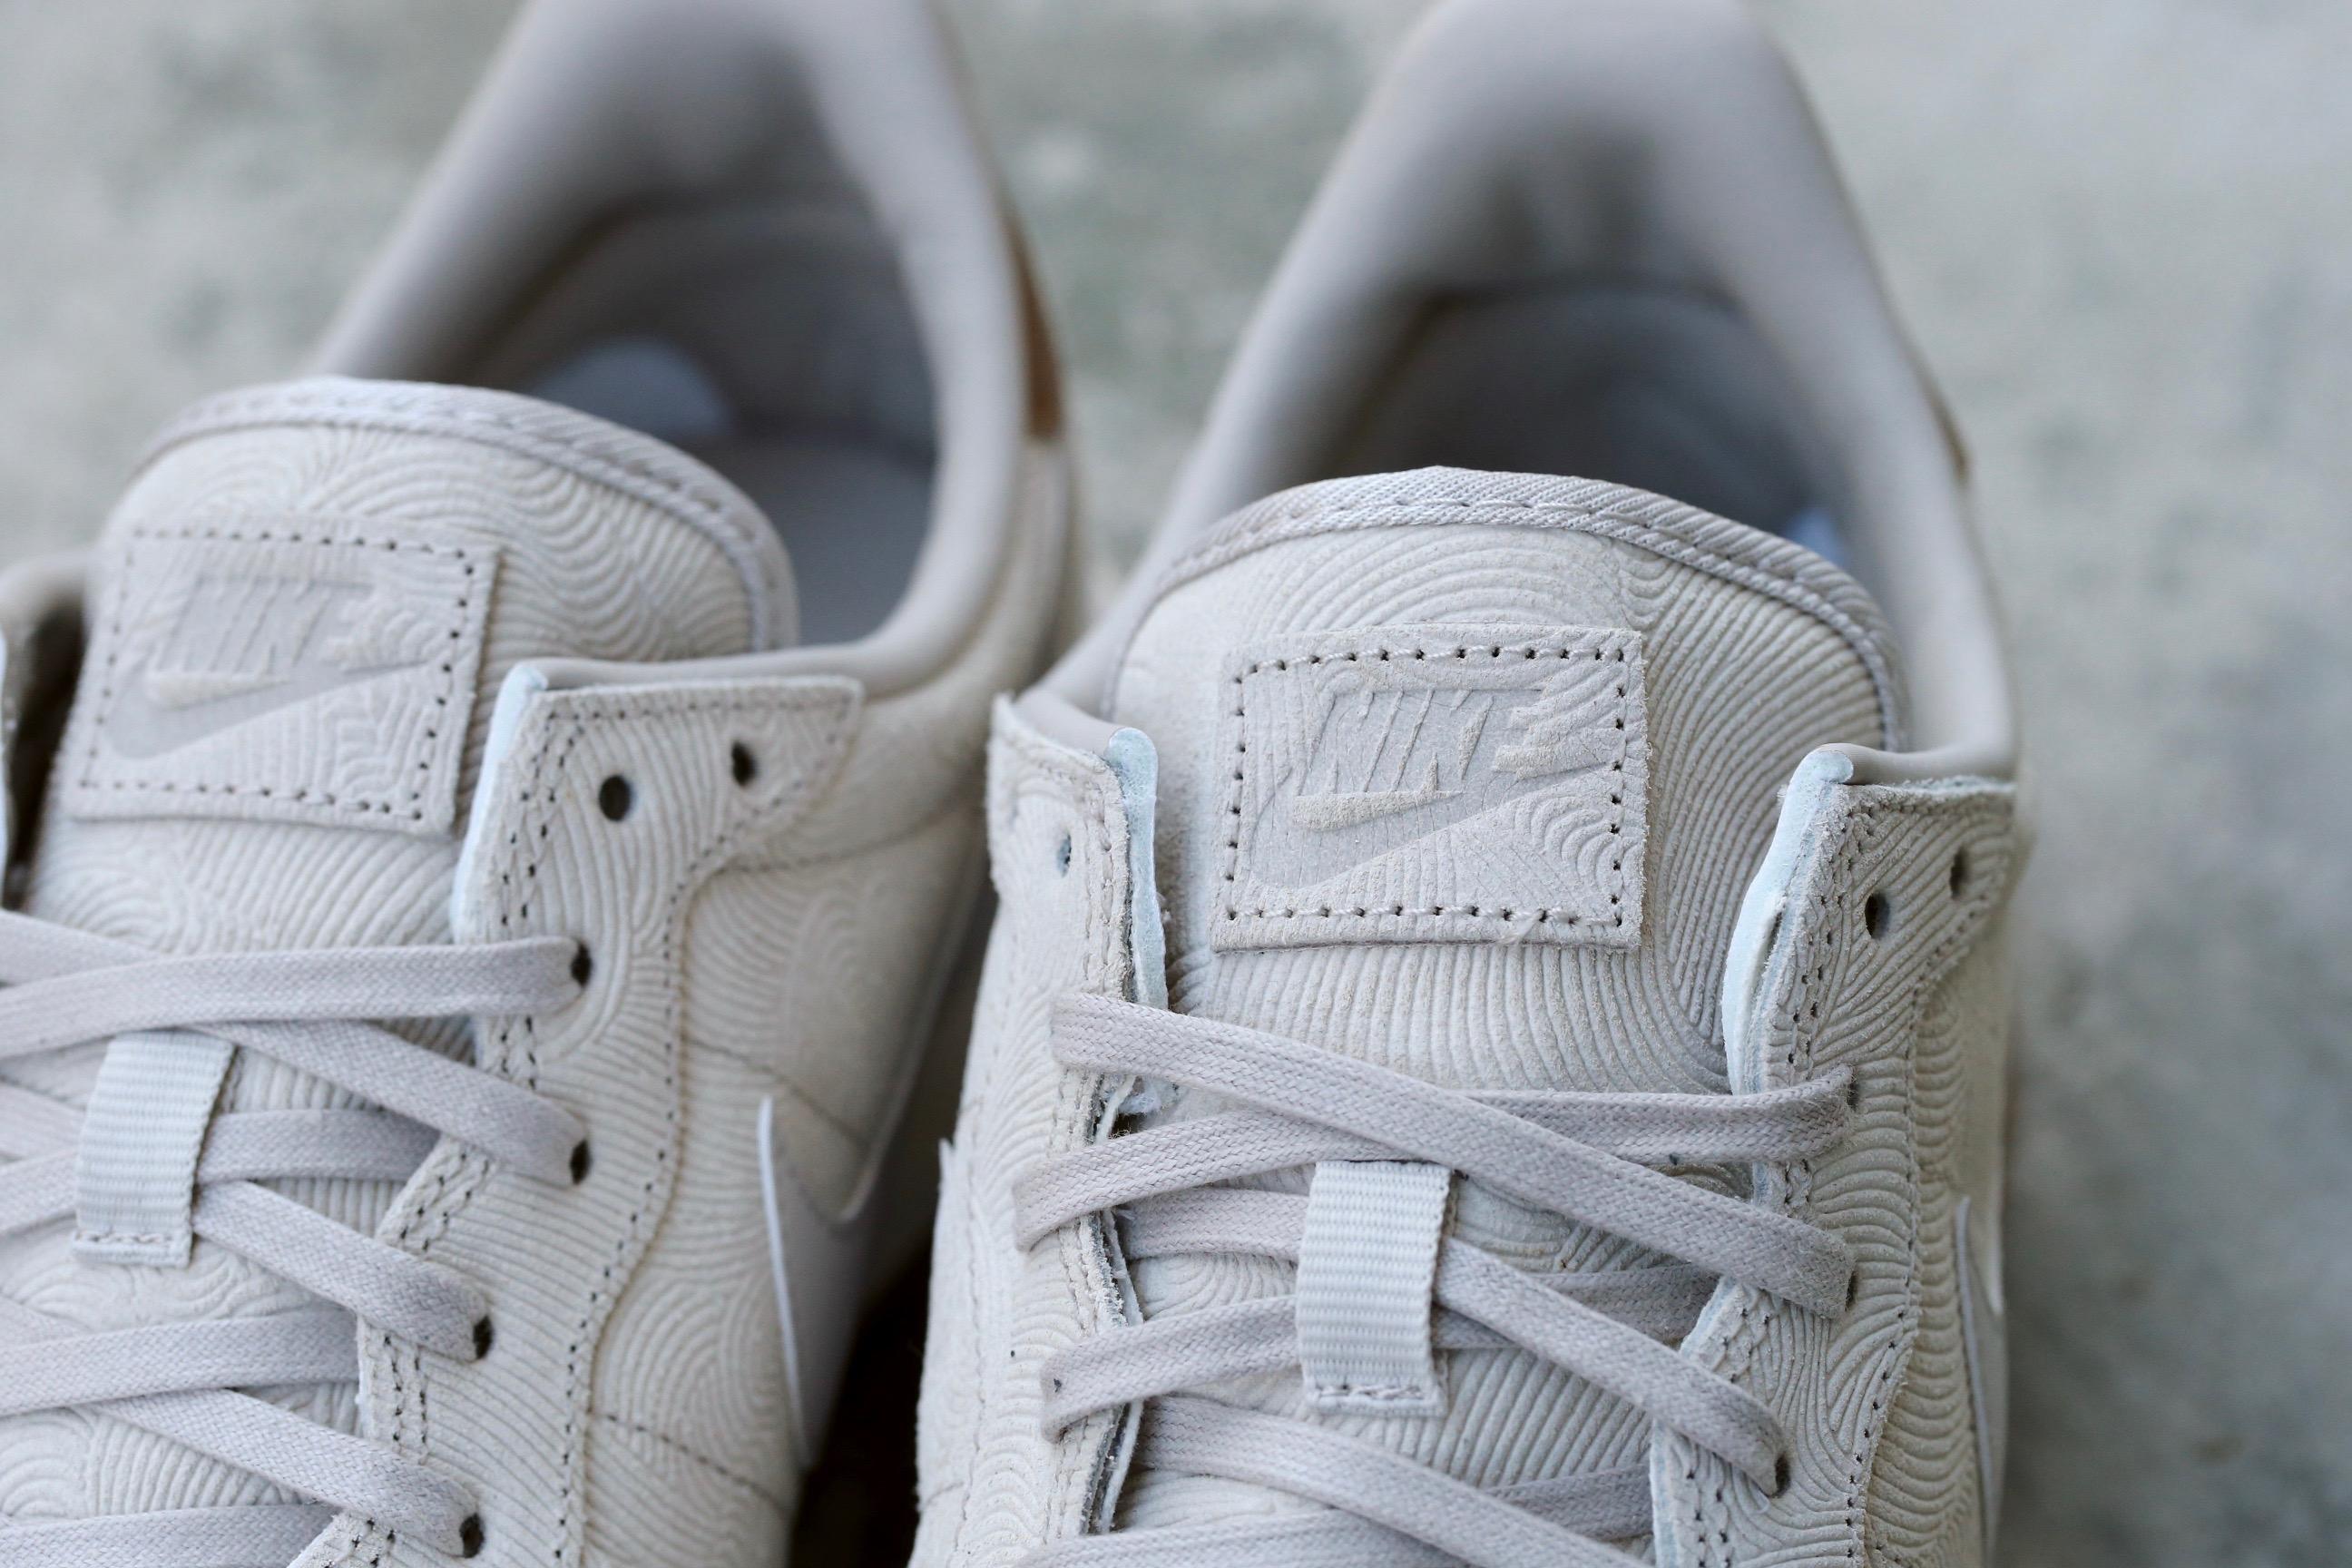 online store a02f3 a2c86 ... nike cortez sneakers white white wolf grey 241395 7647f 68084   switzerland b60p9889 b60p9891 b60p9901 b60p9897 b60p9892 b60p9900 99e09  2c48d